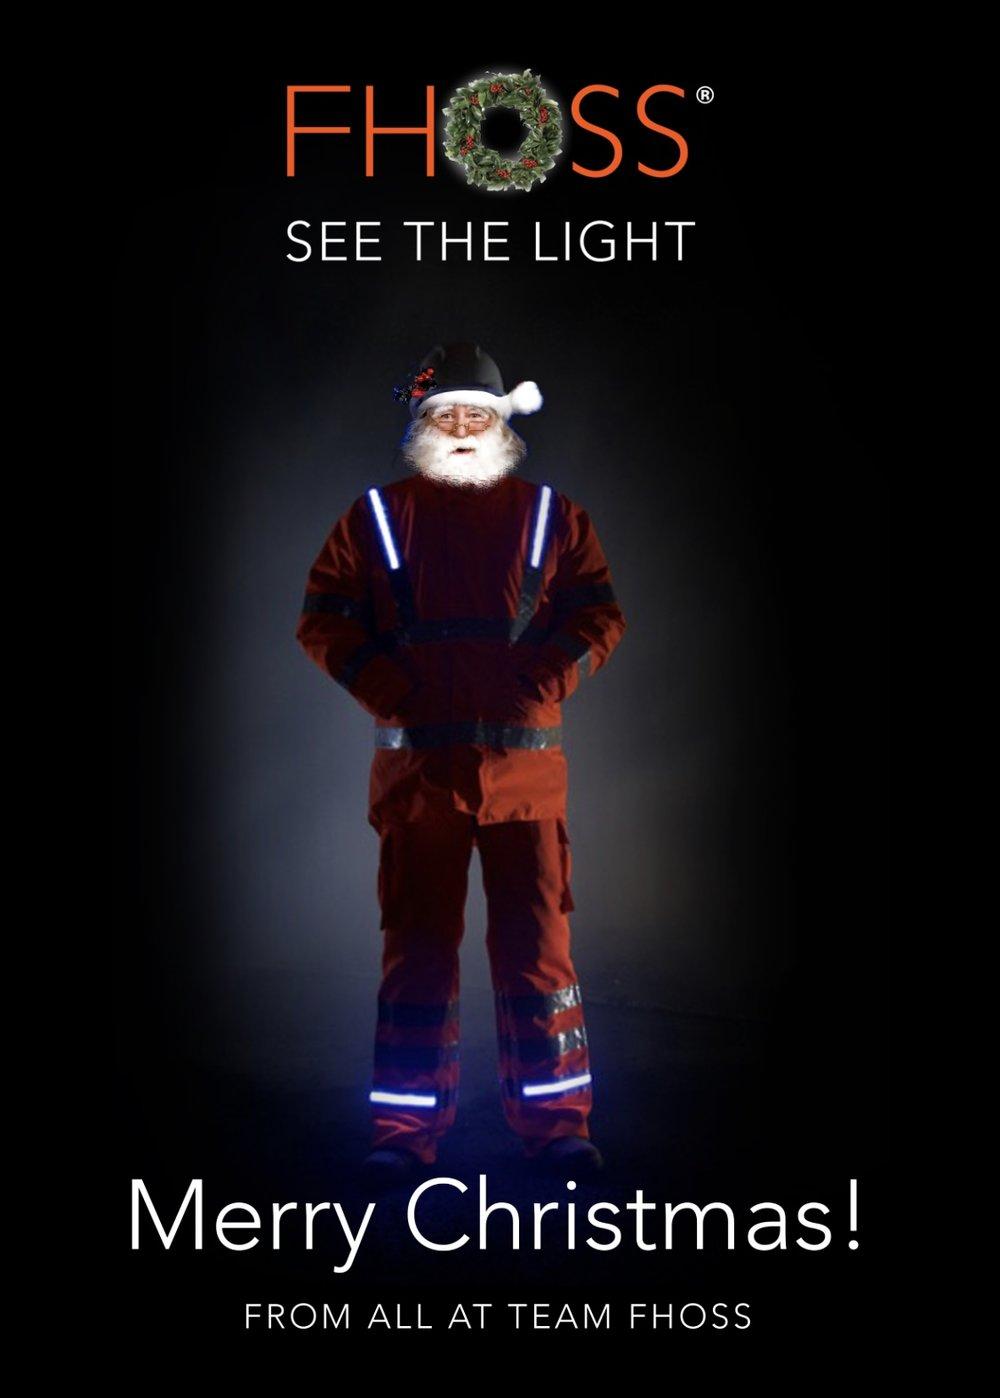 FHOSS Santa .jpg